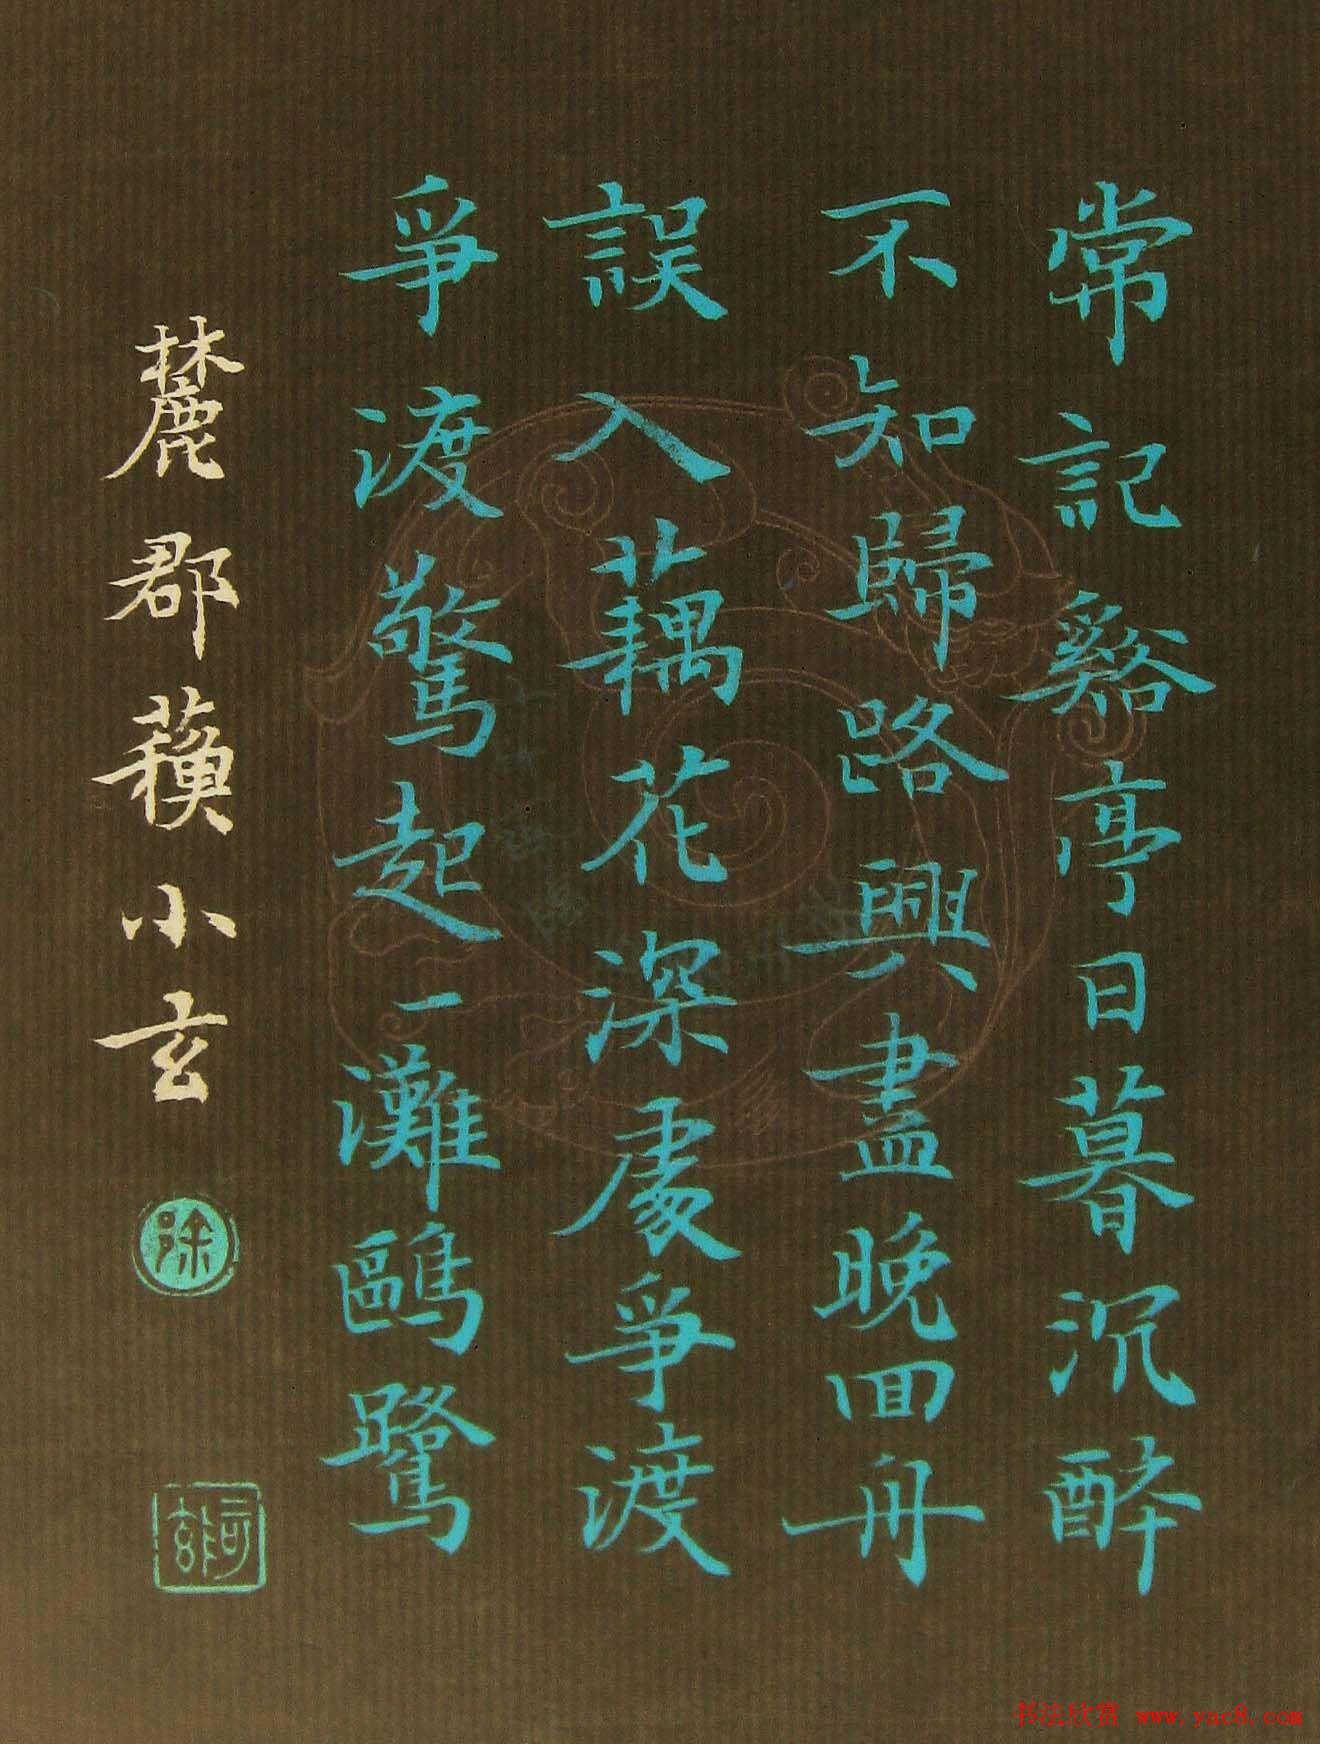 徐州苏小玄楷书书法作品欣赏